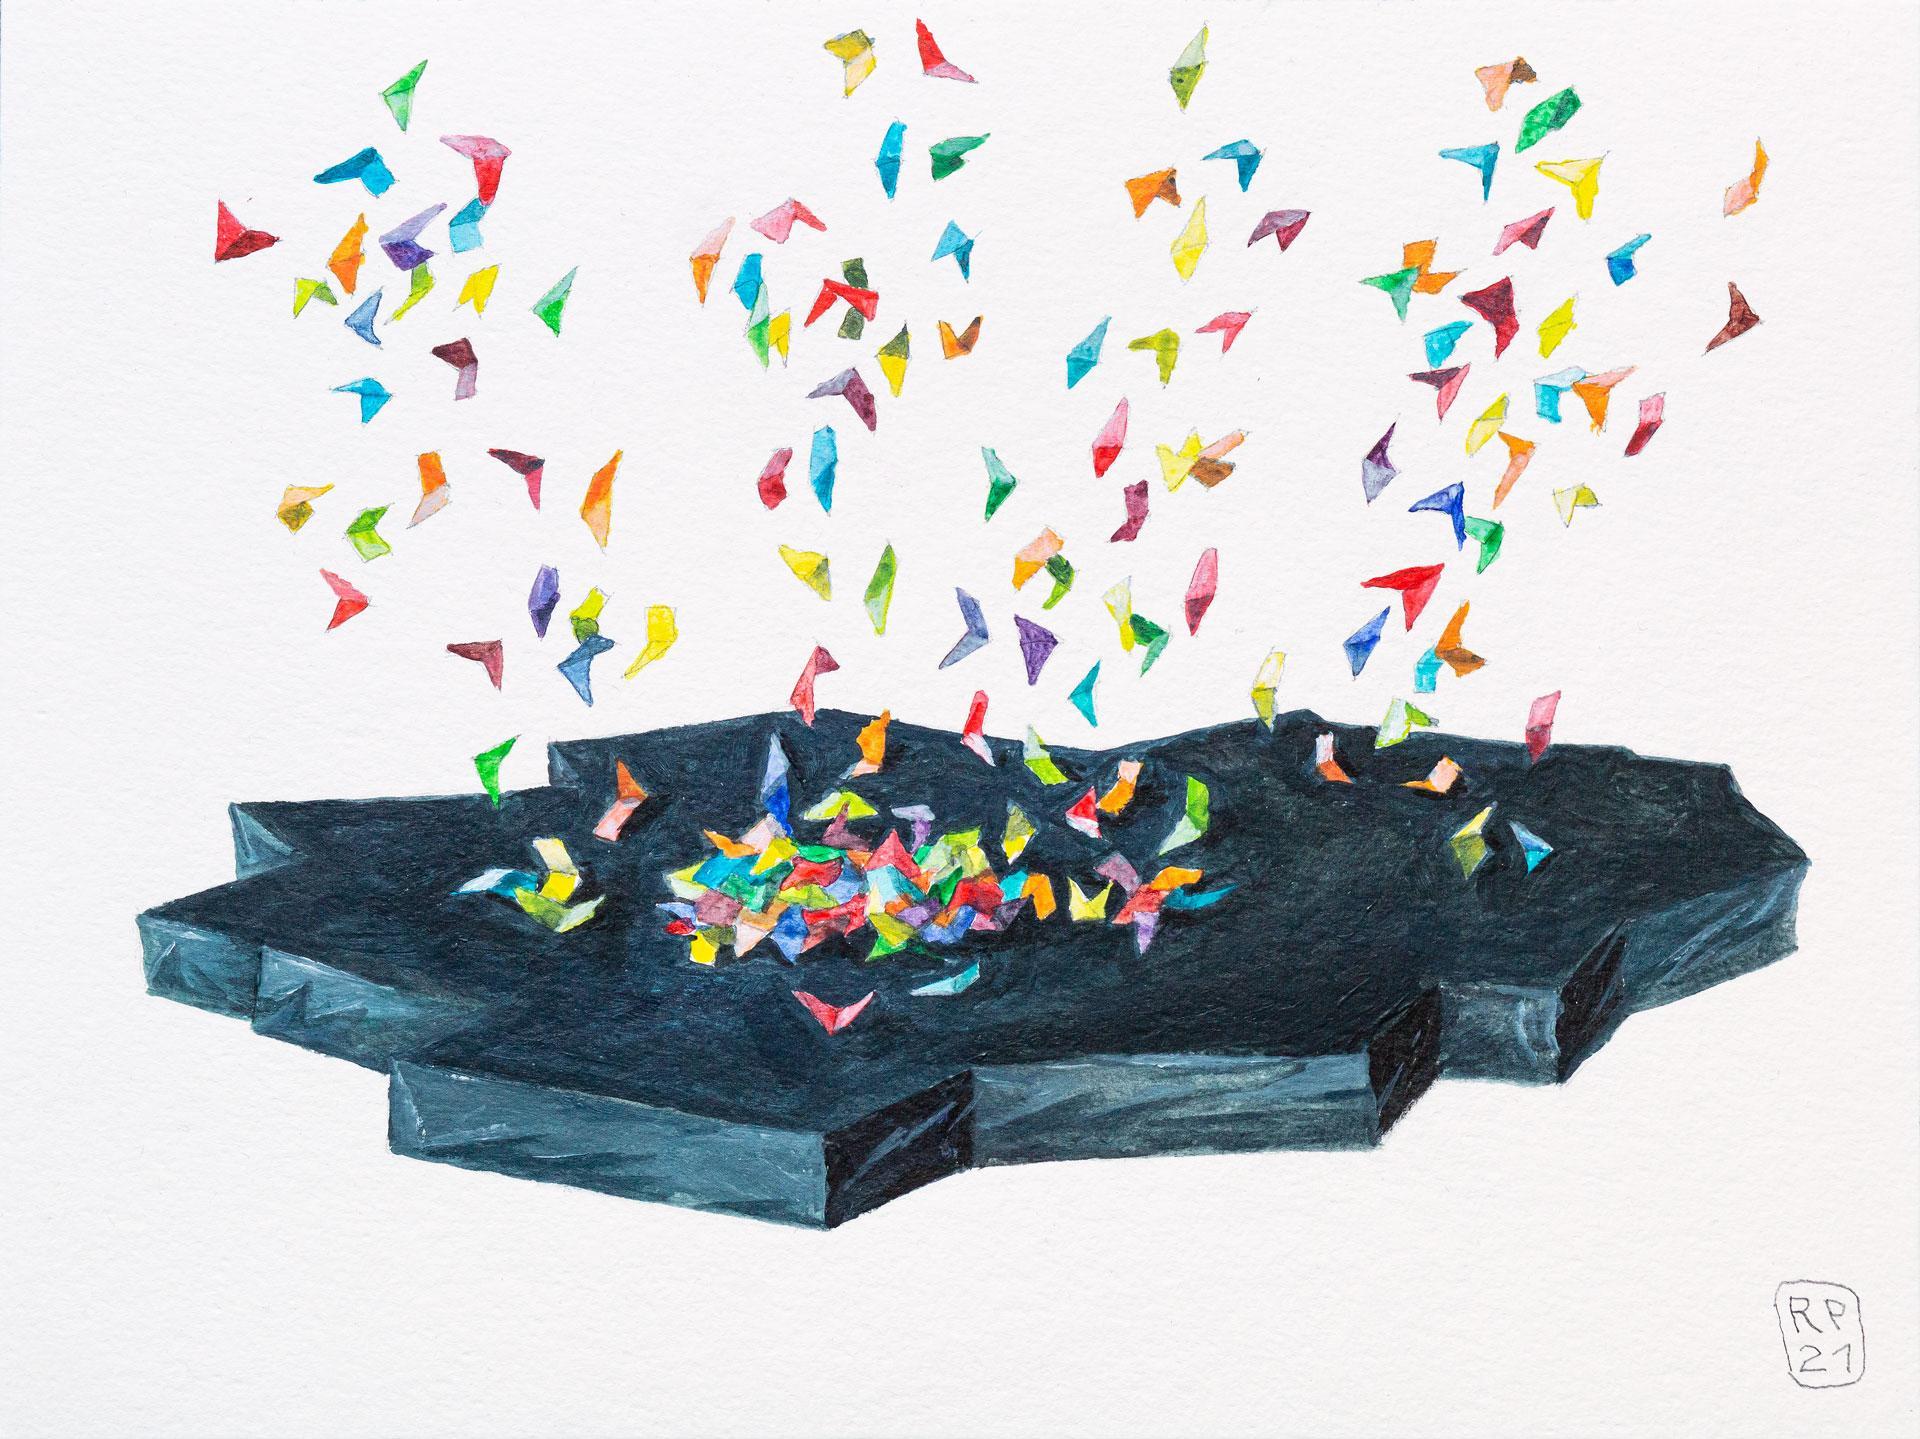 Undurchdringlichkeit Malerei Acryl Robert Puls – Januar 2021